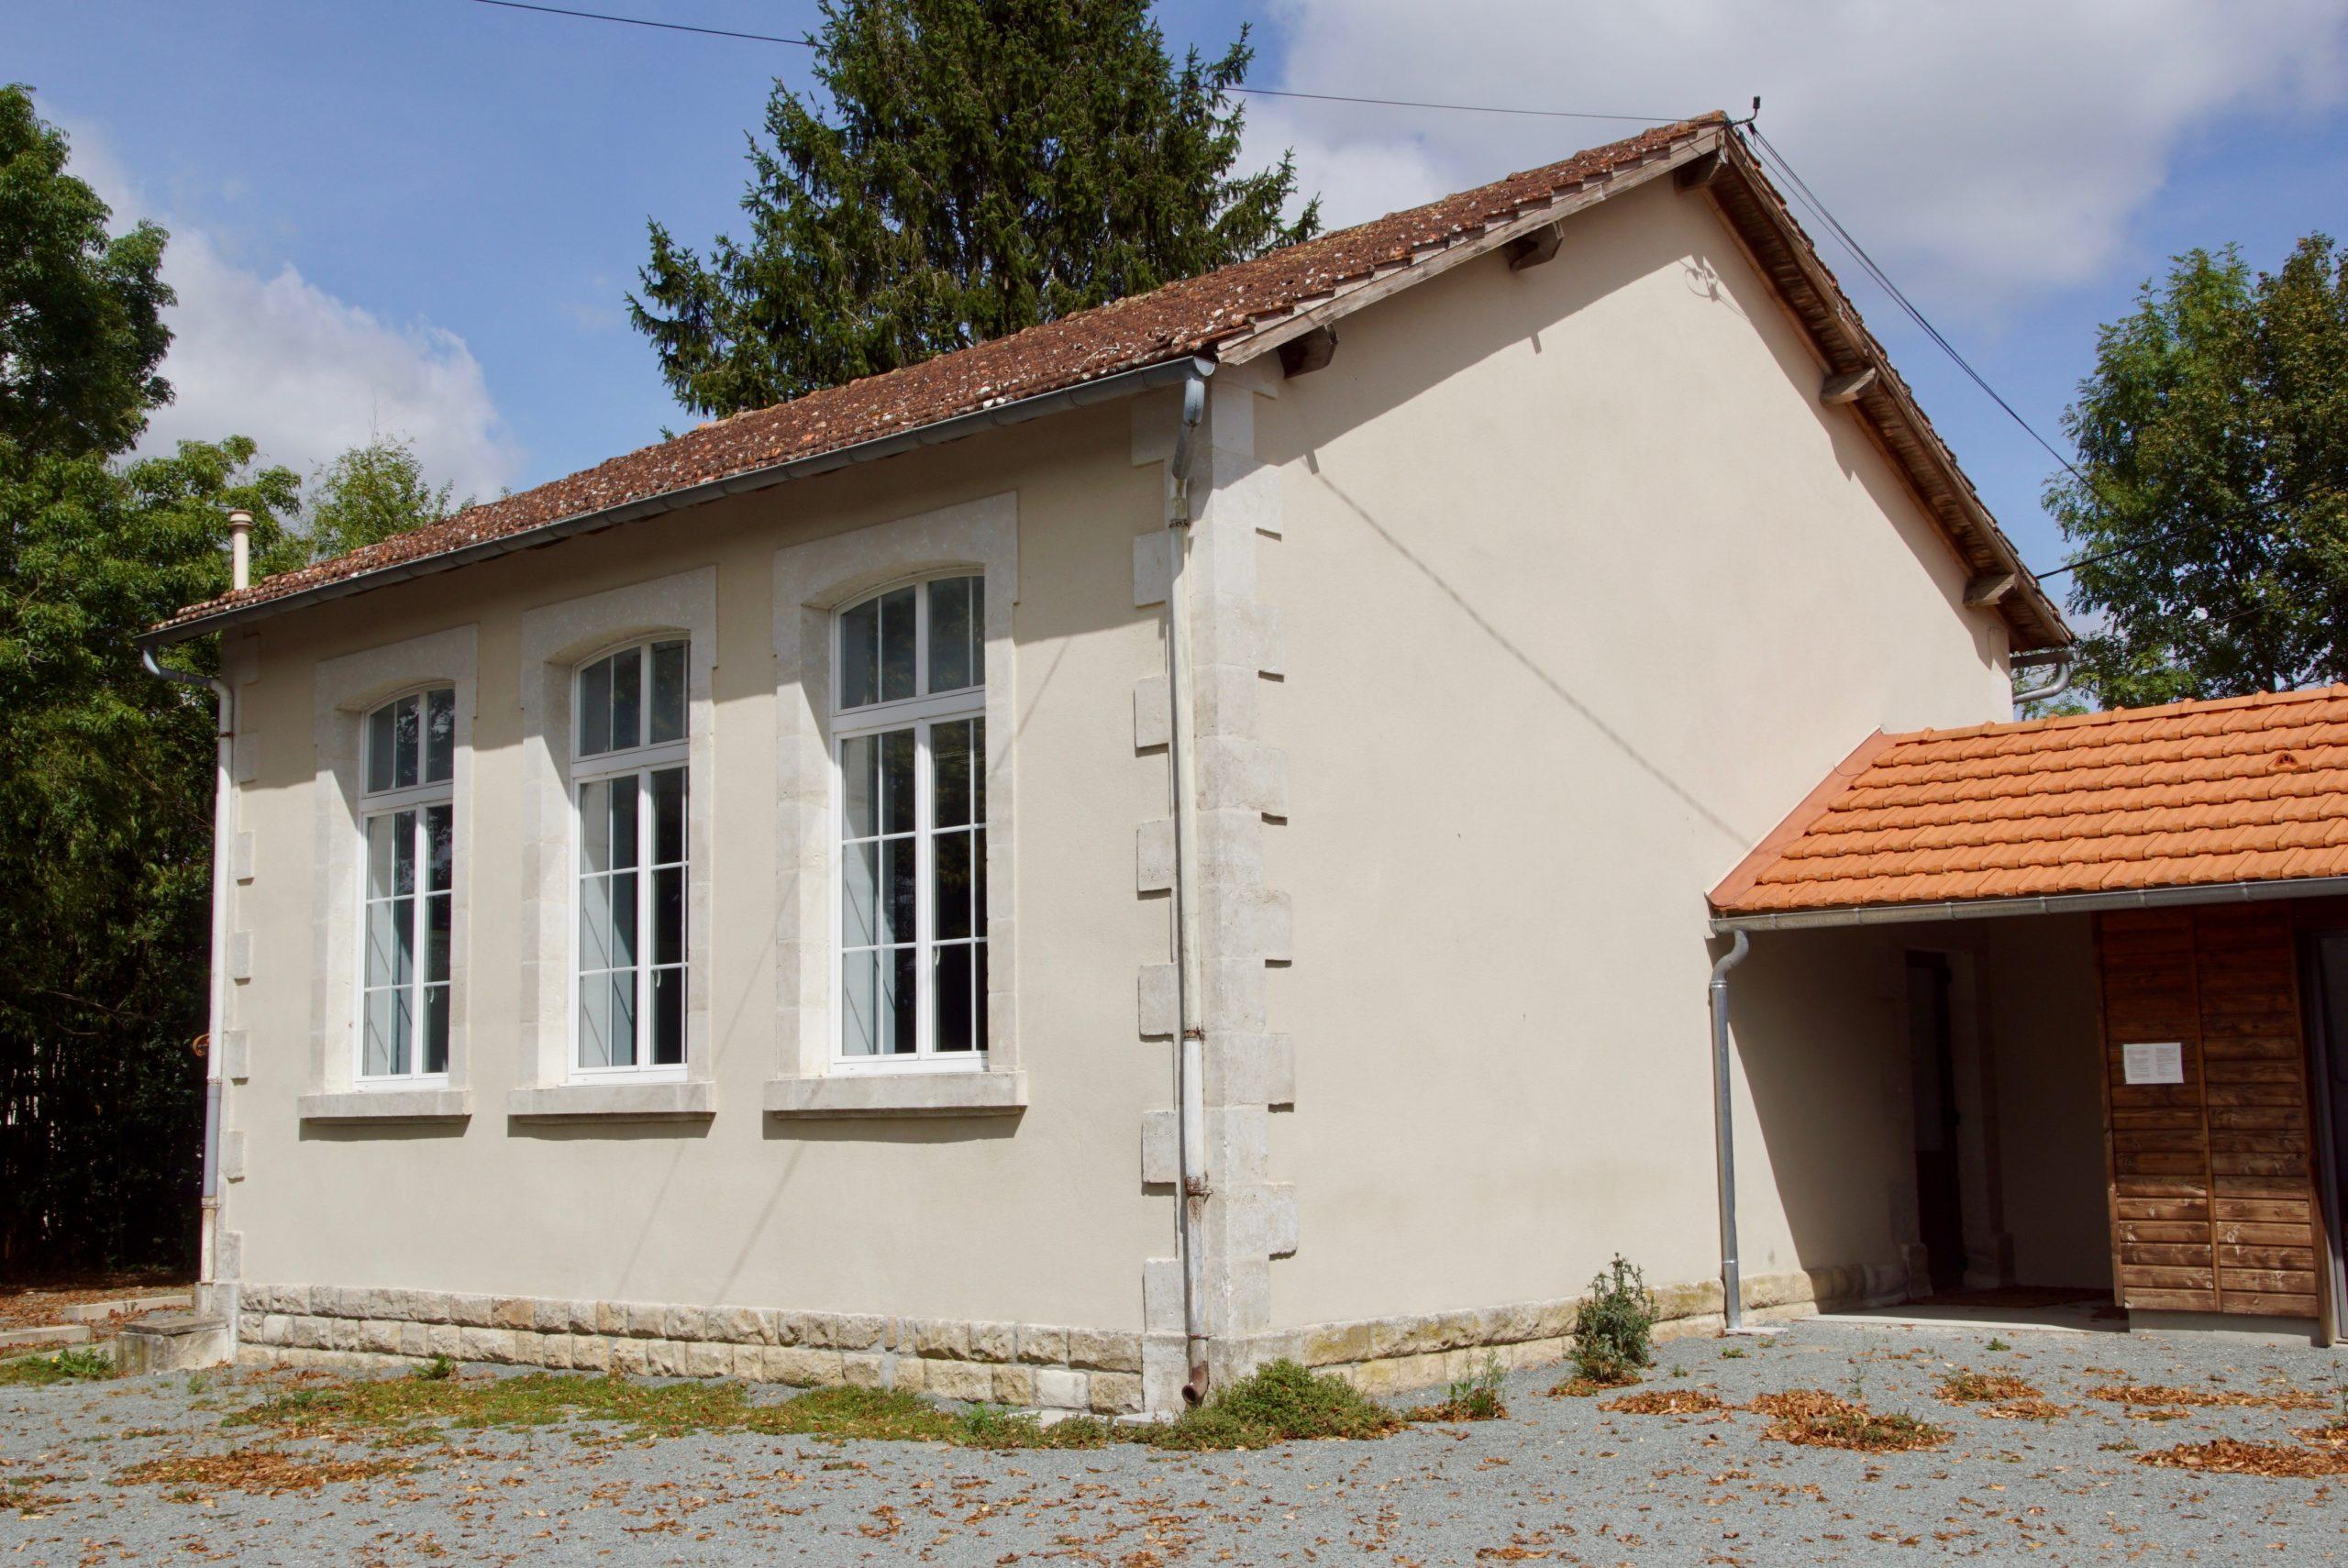 Salle de Champeaux